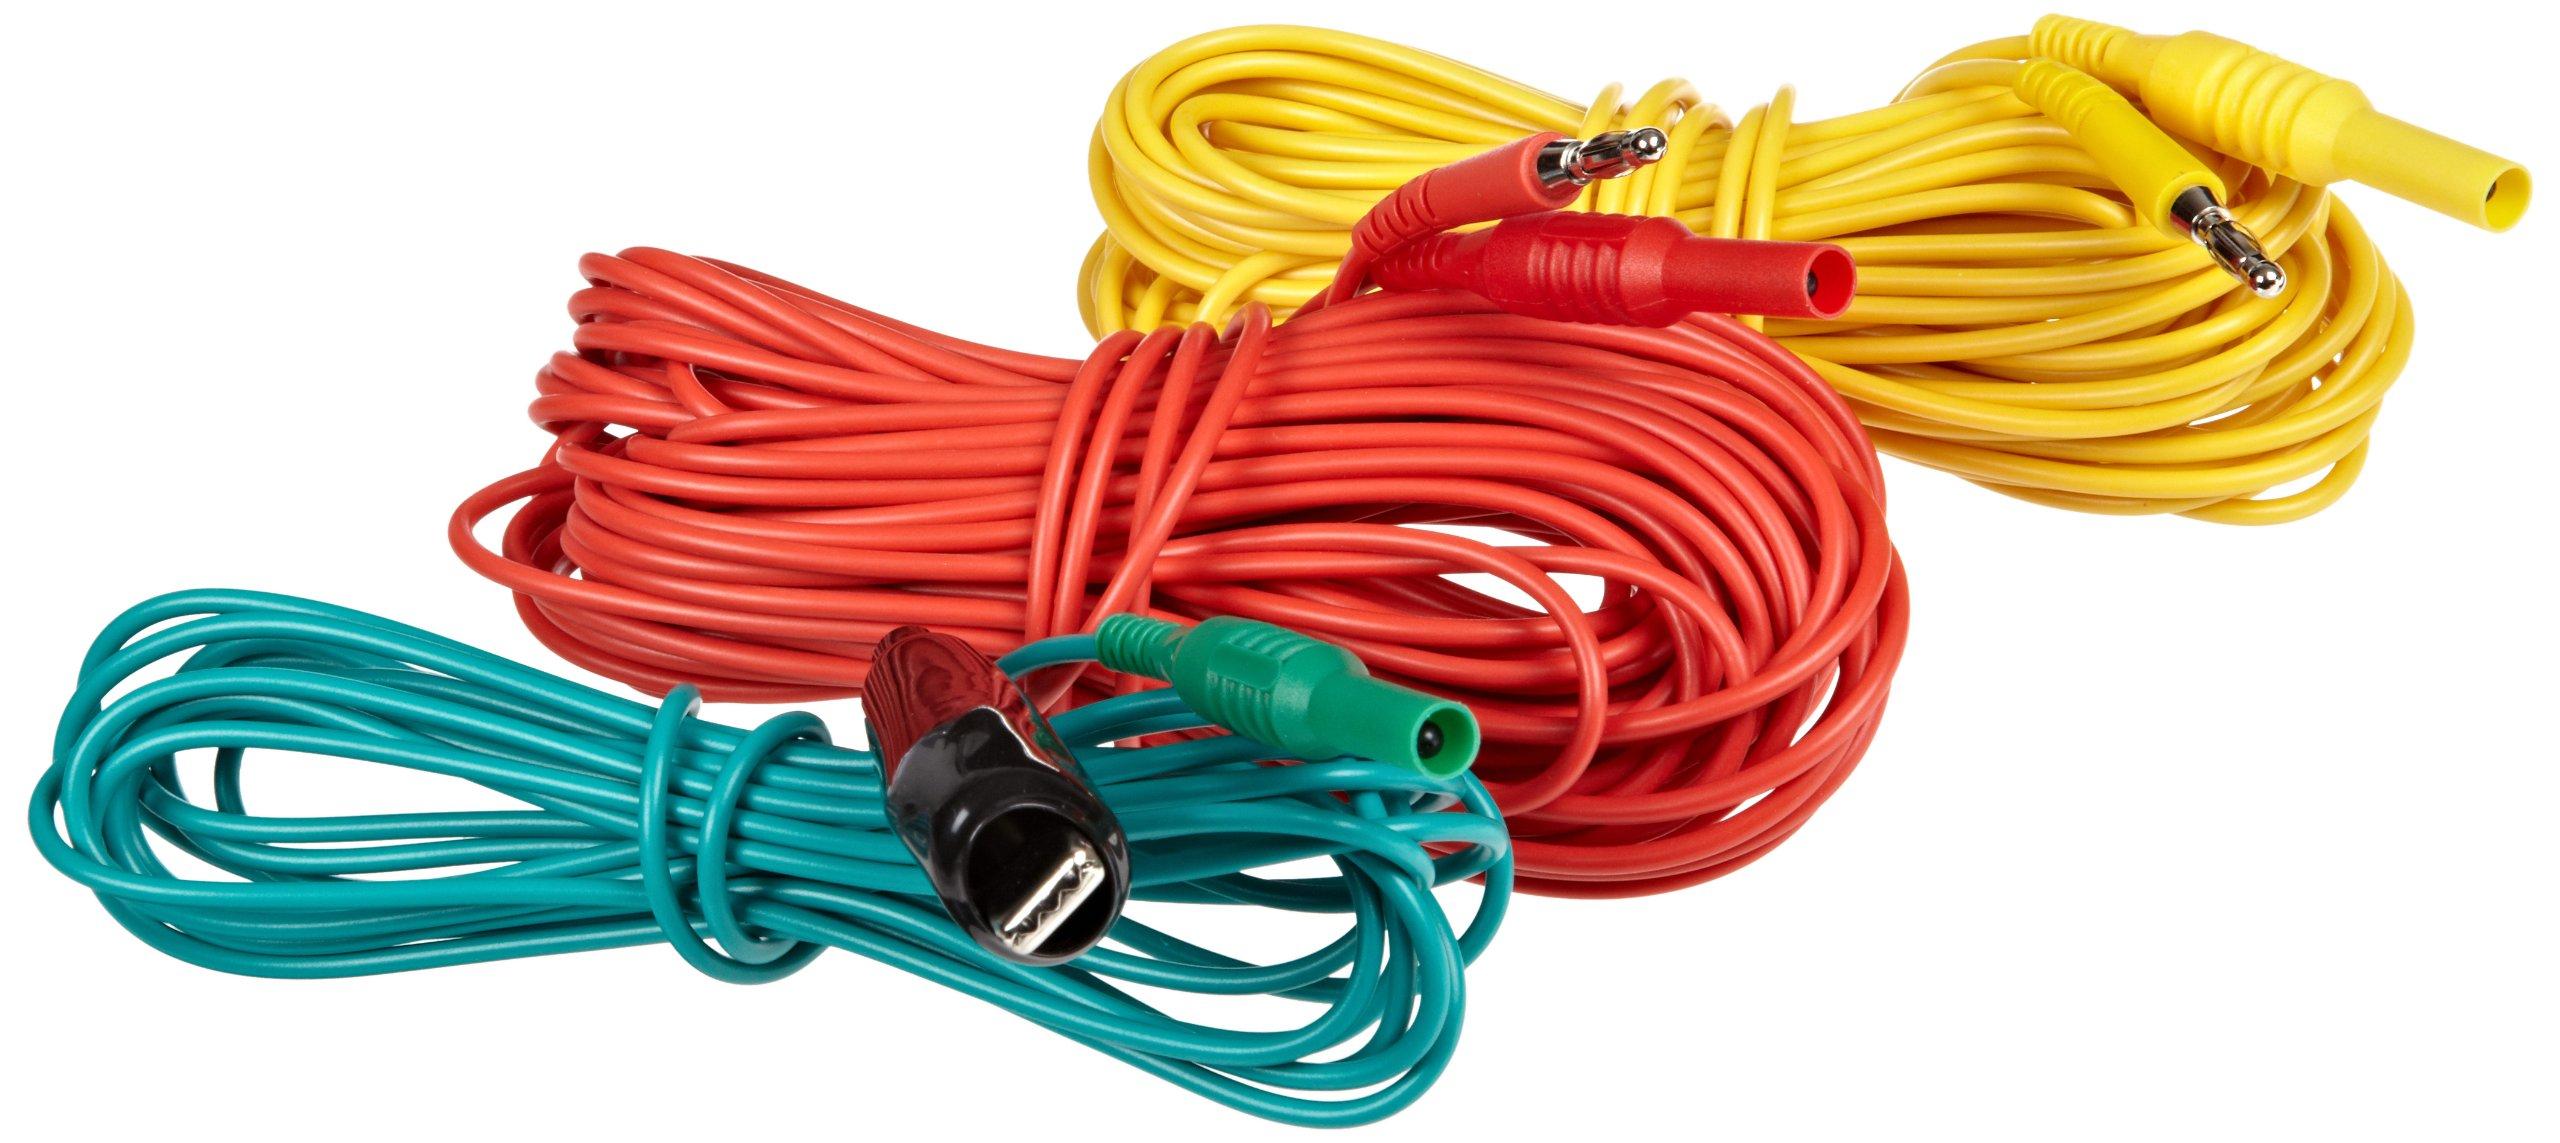 Megger 1000-525 Earth Test Cable Set for DET3T Digital Ground Resistance Tester